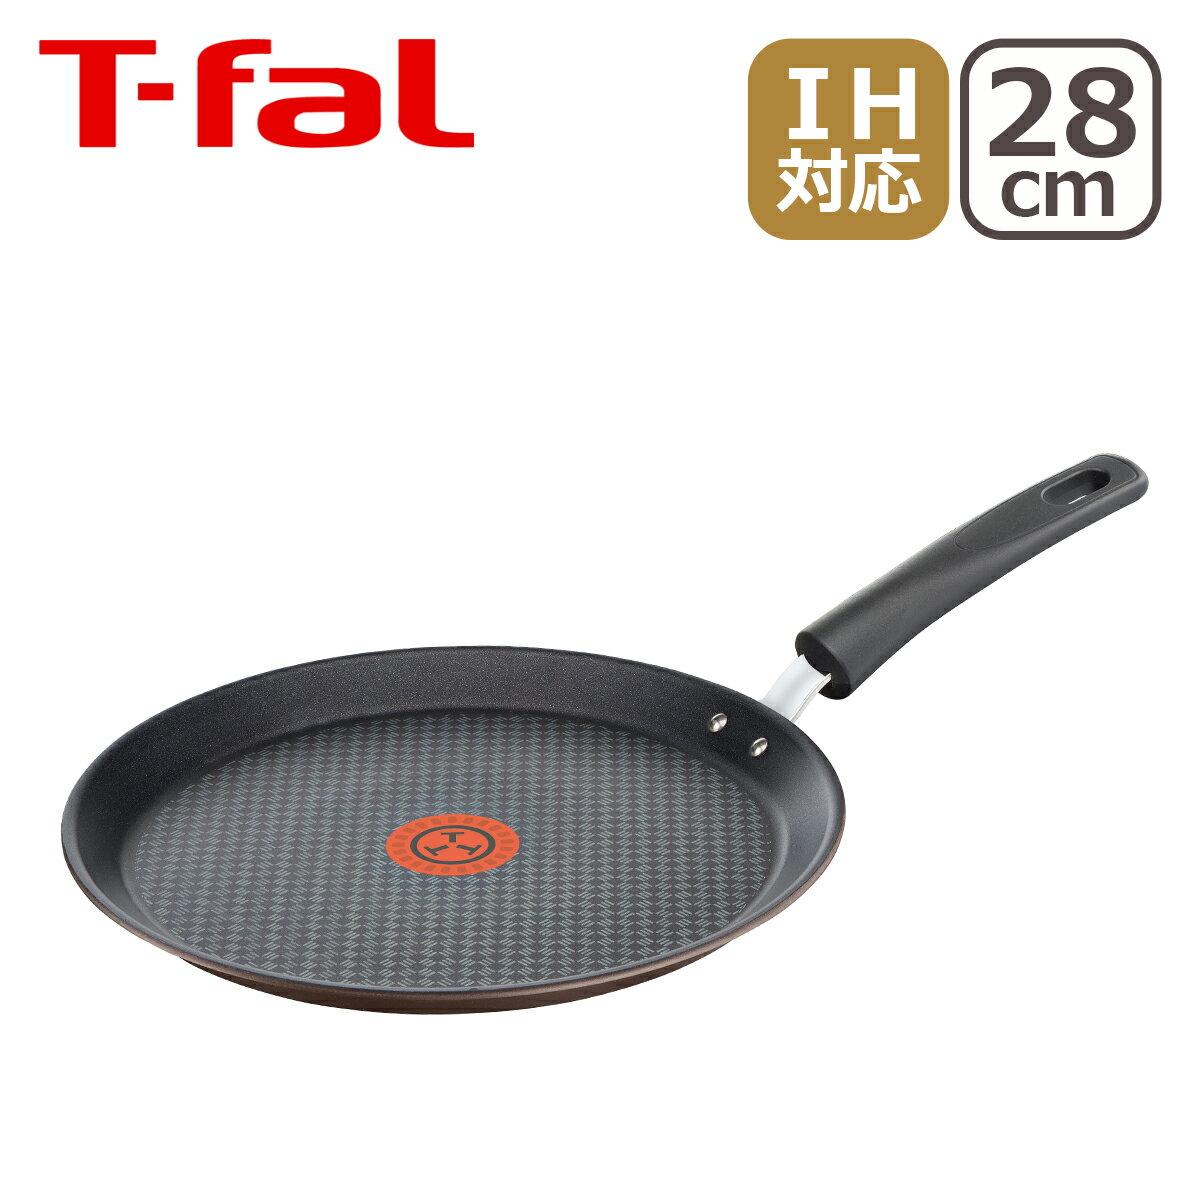 ティファール【IH対応】IHフレンチパン 28cm T-fal クレープパン